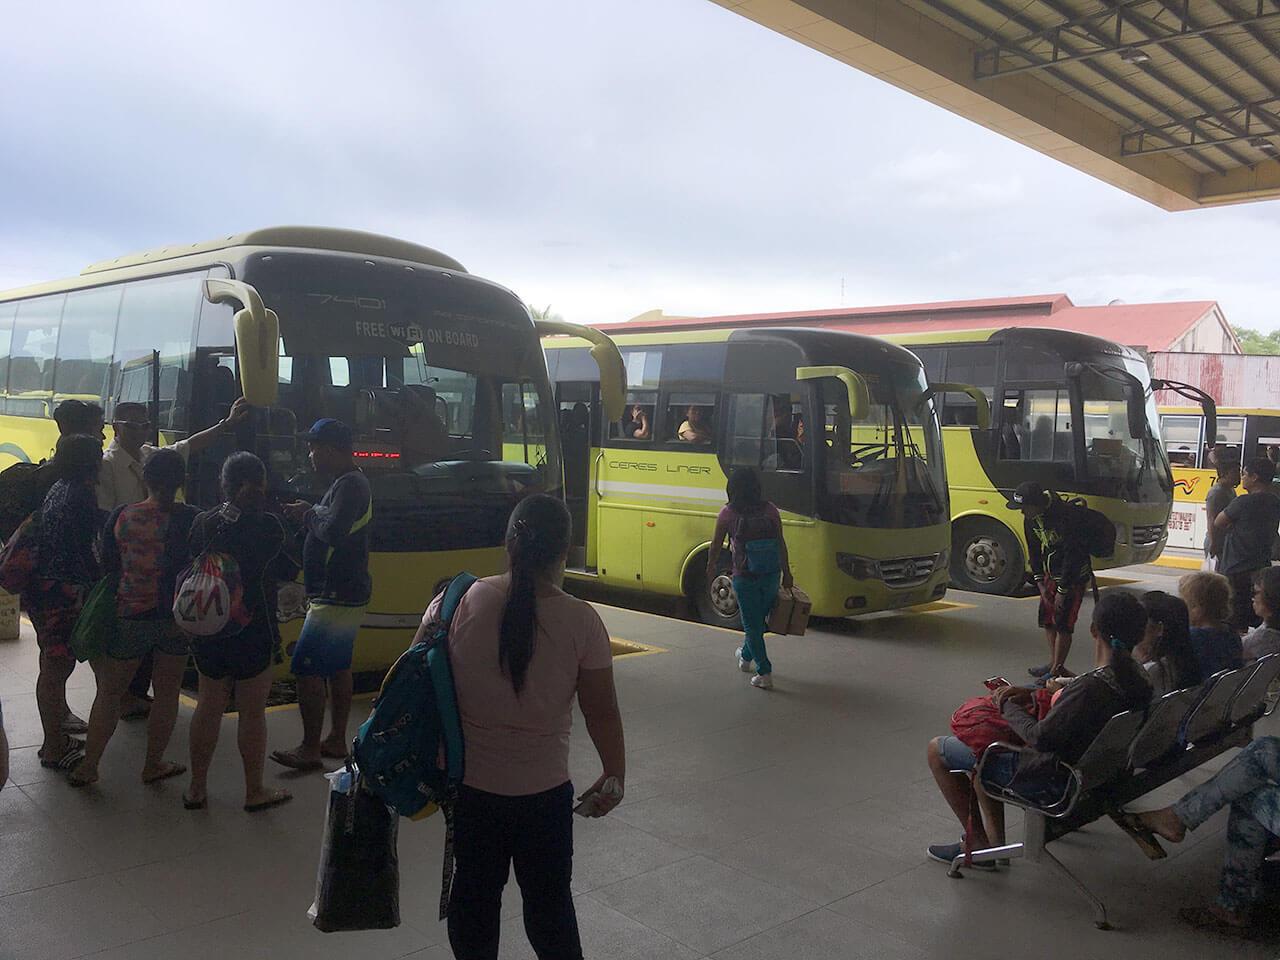 ちなみに、上記はドゥマゲッティの街のバスターミナル。